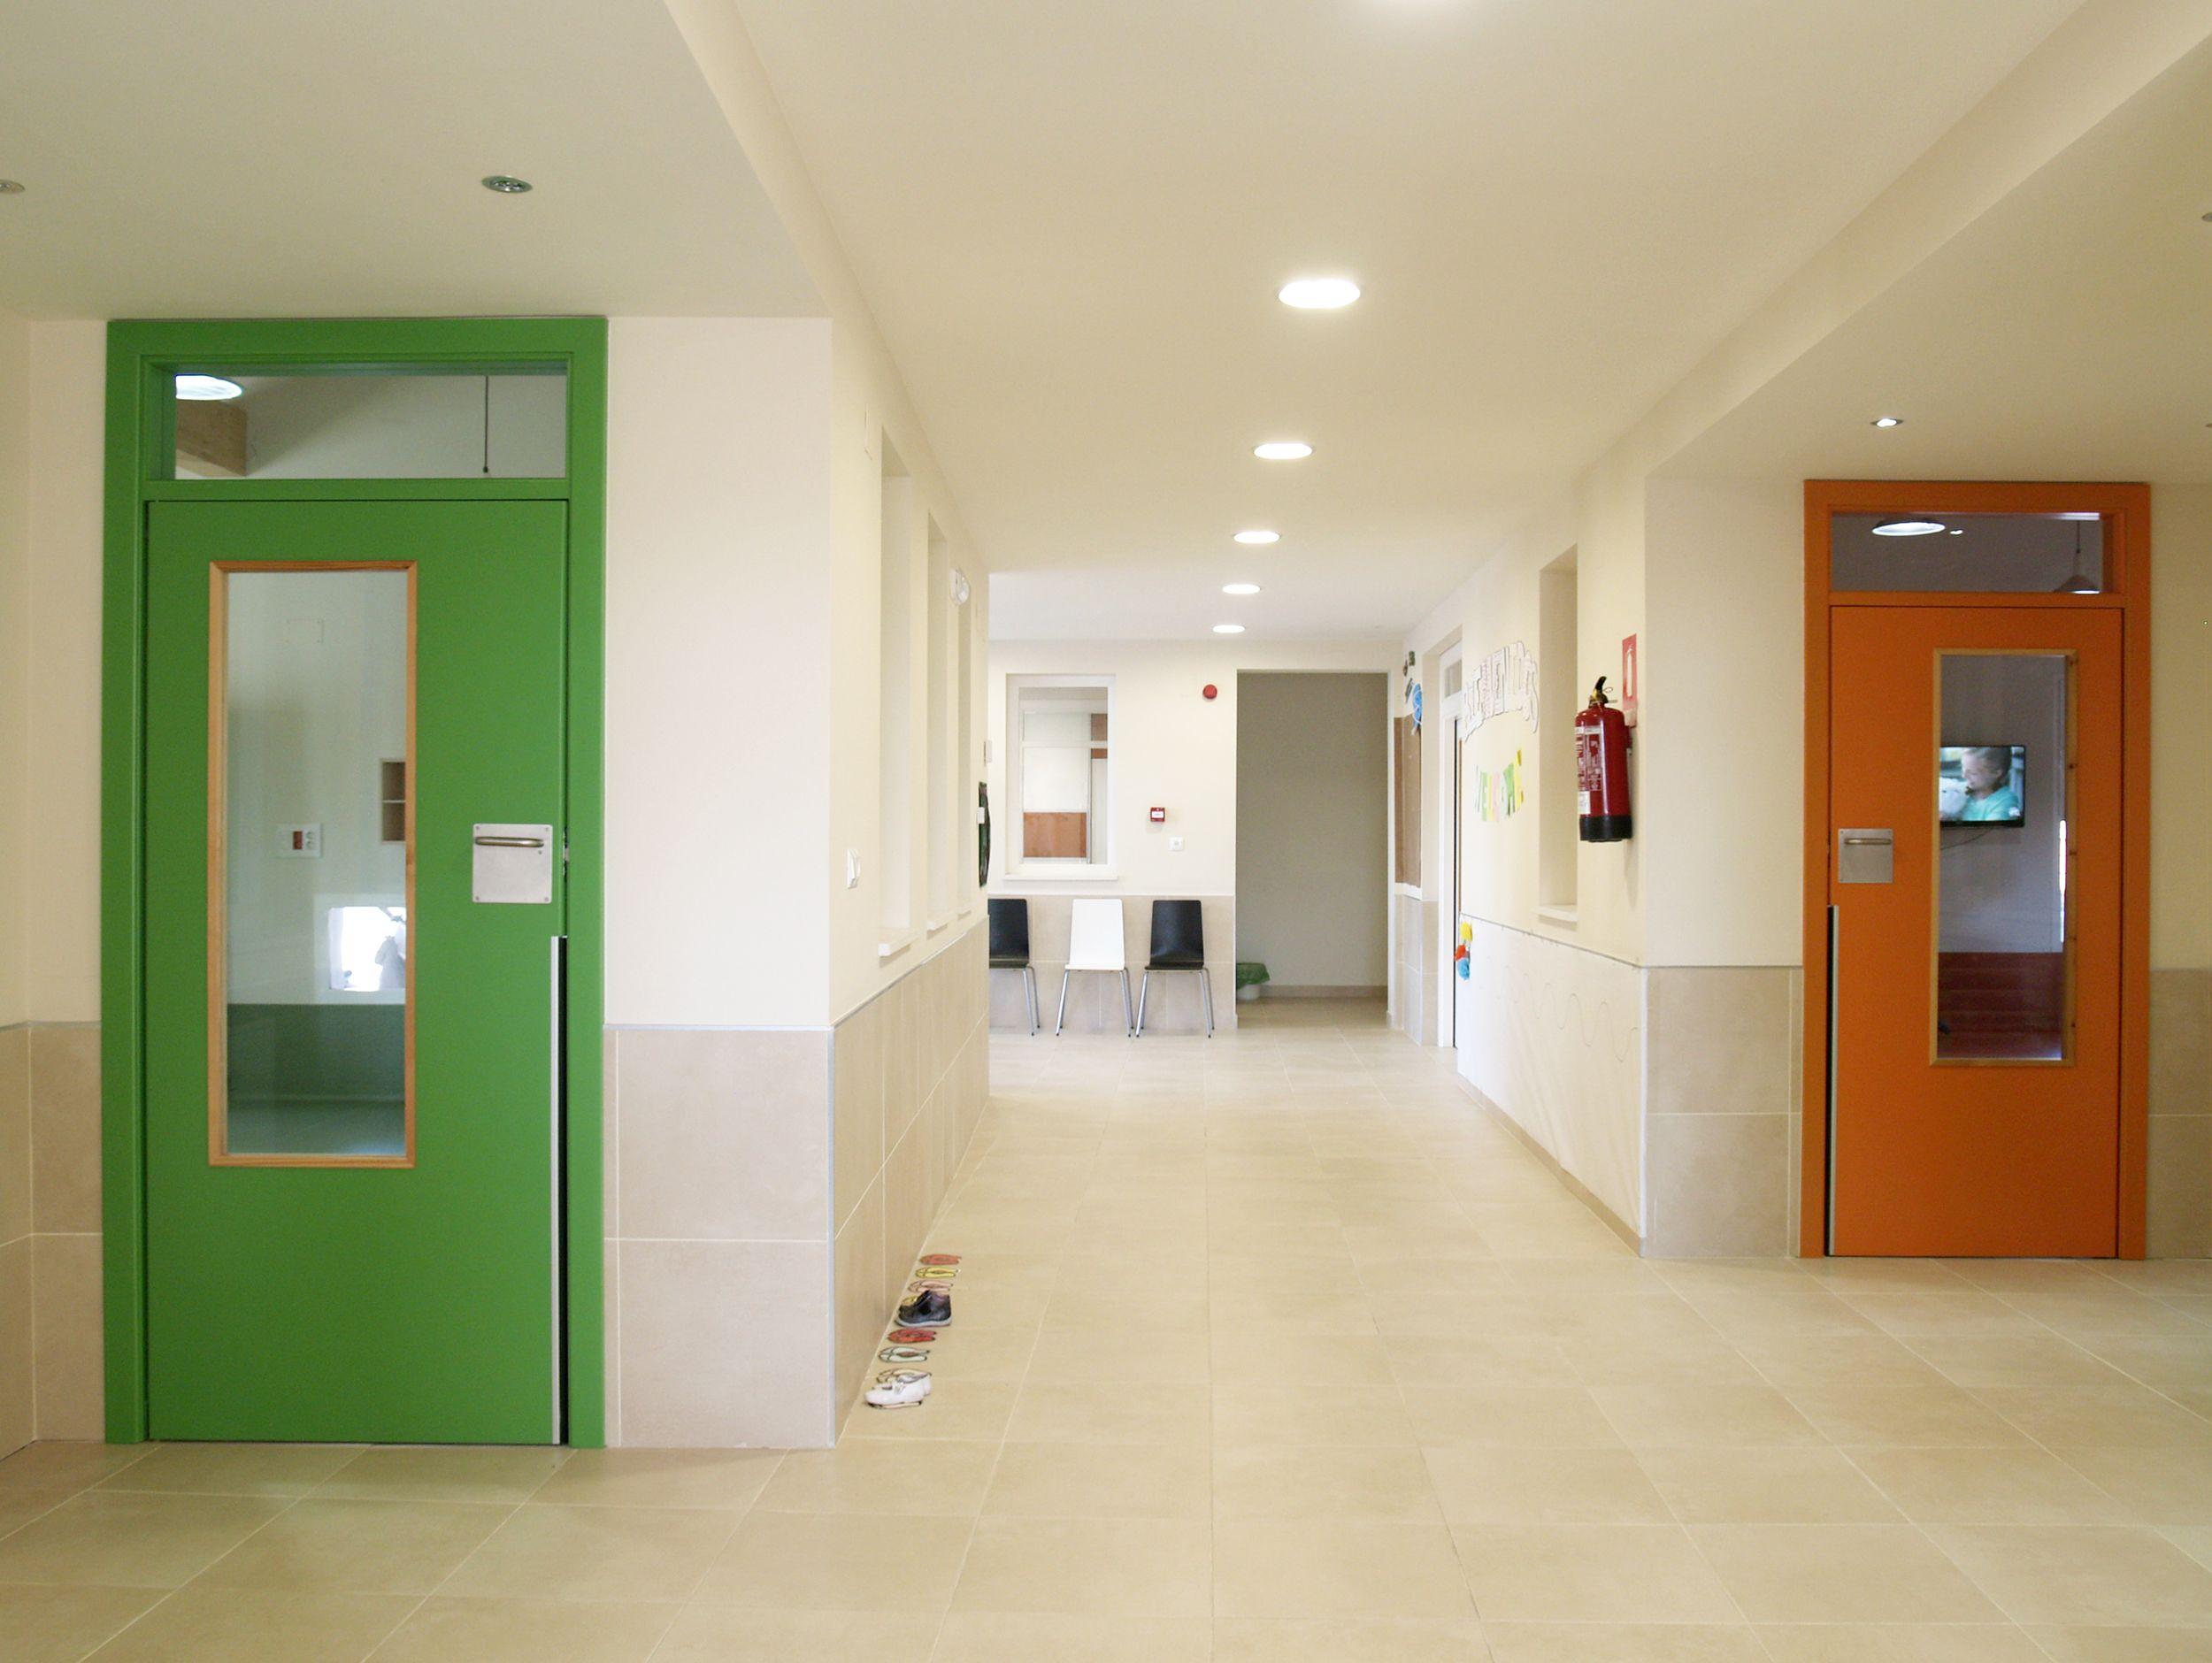 Escuela Infantil en Valencina de la Concepción